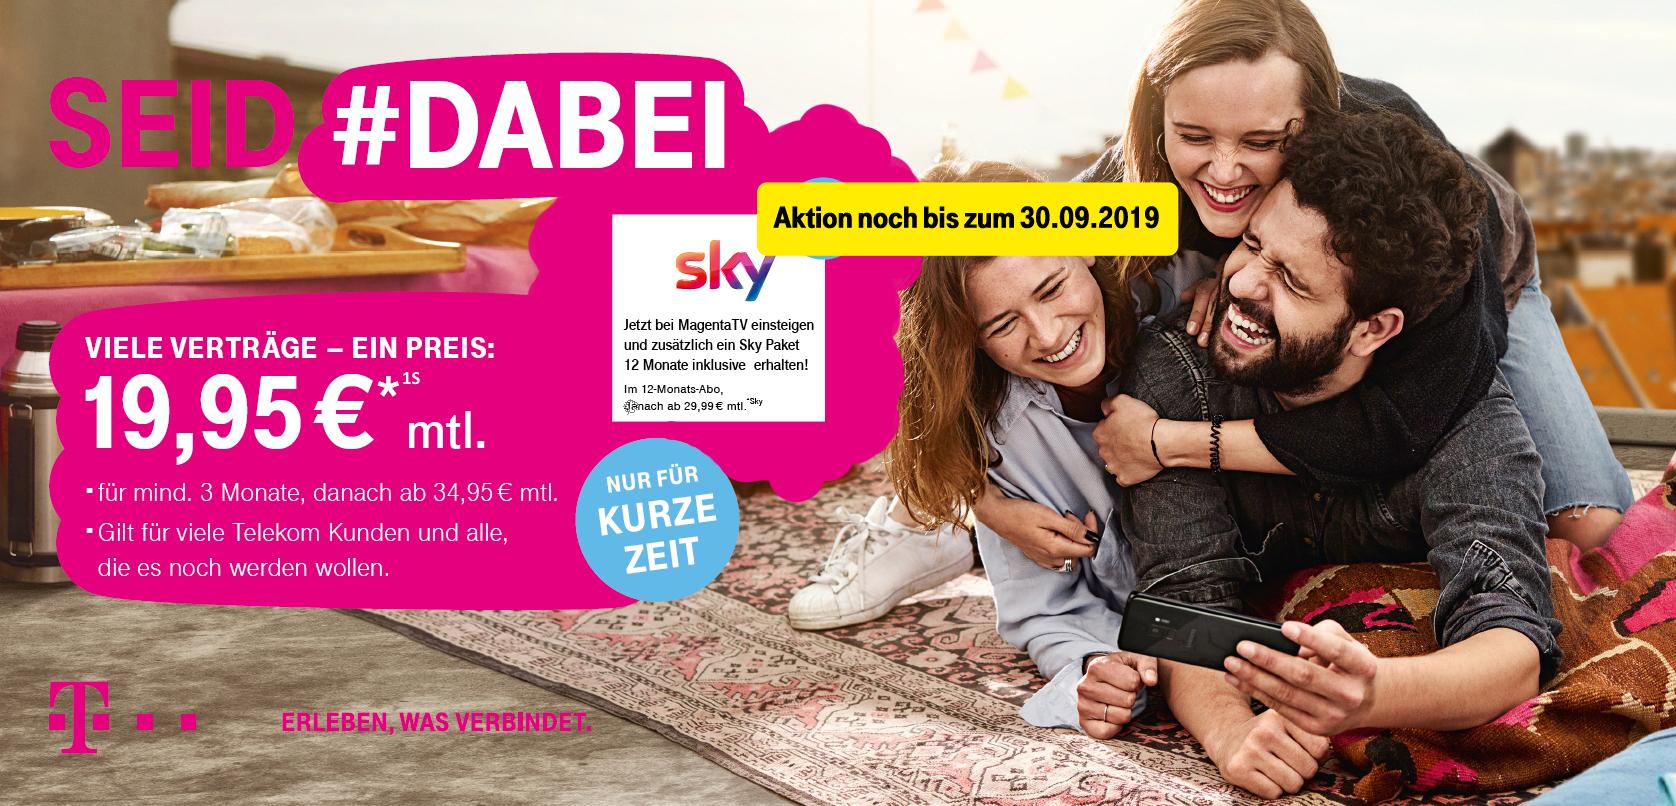 Telekom #dabei Aktion